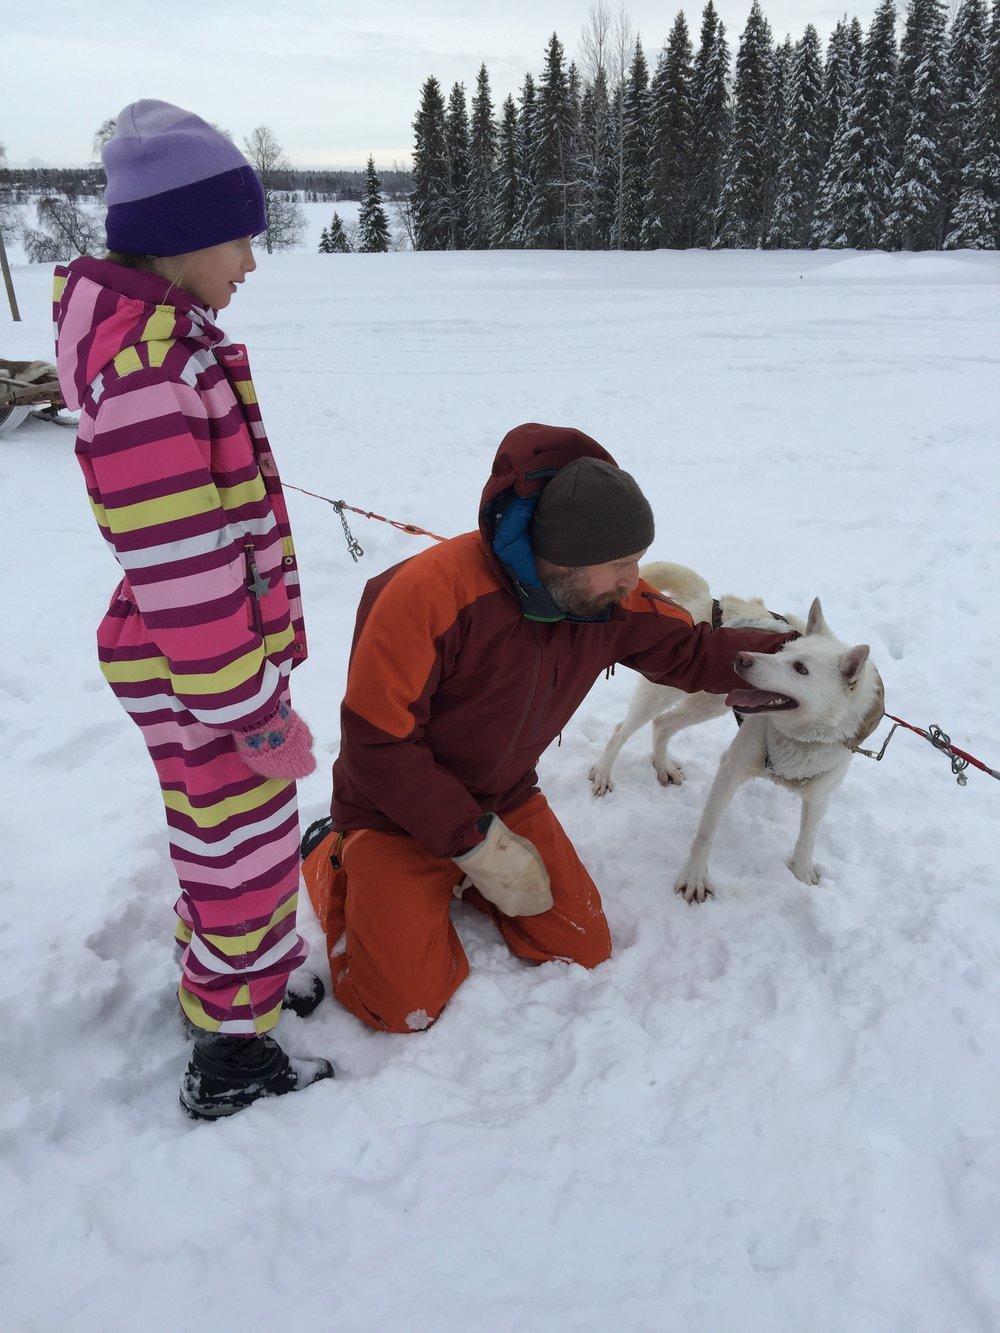 Sled-dog playing